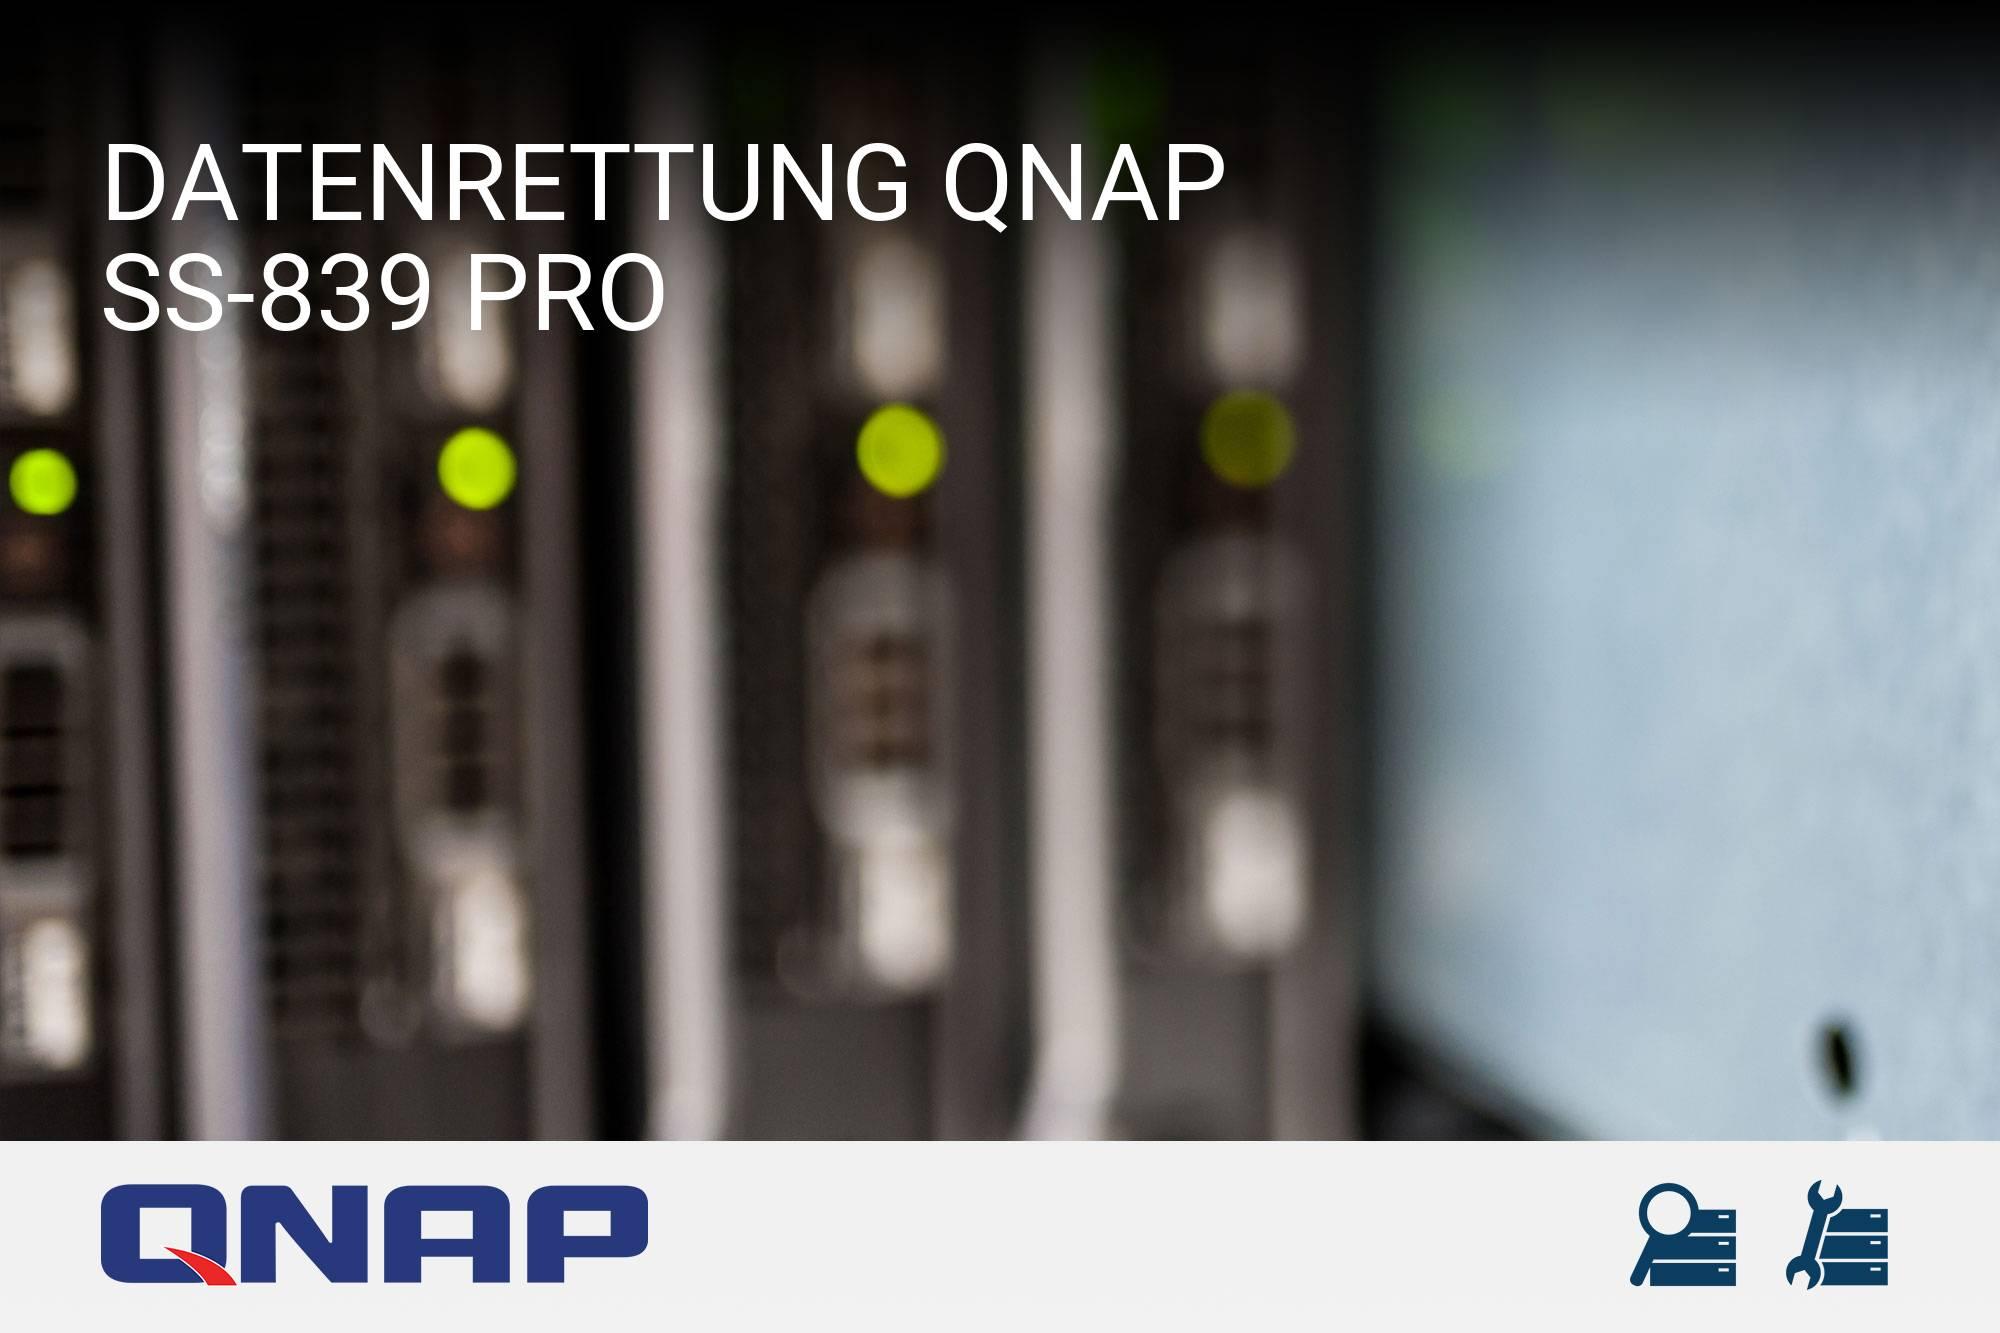 QNAP SS-839 Pro